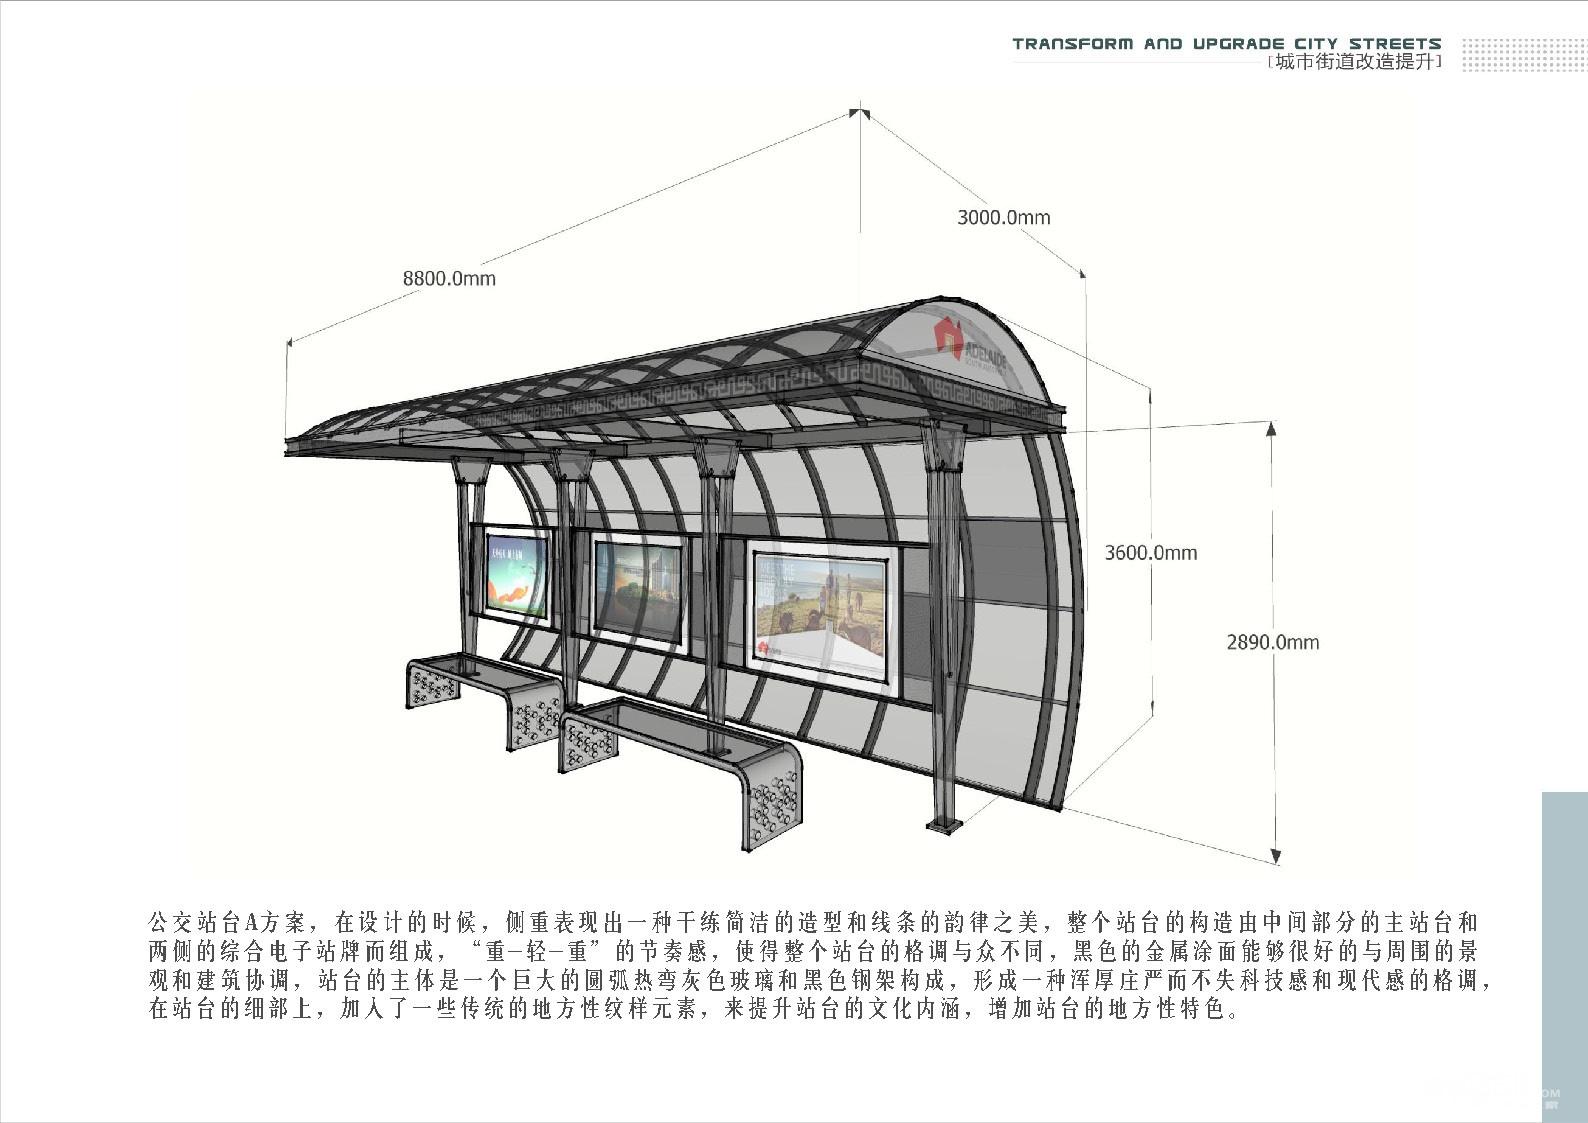 创意公交站台 - 公交站台手绘效果图